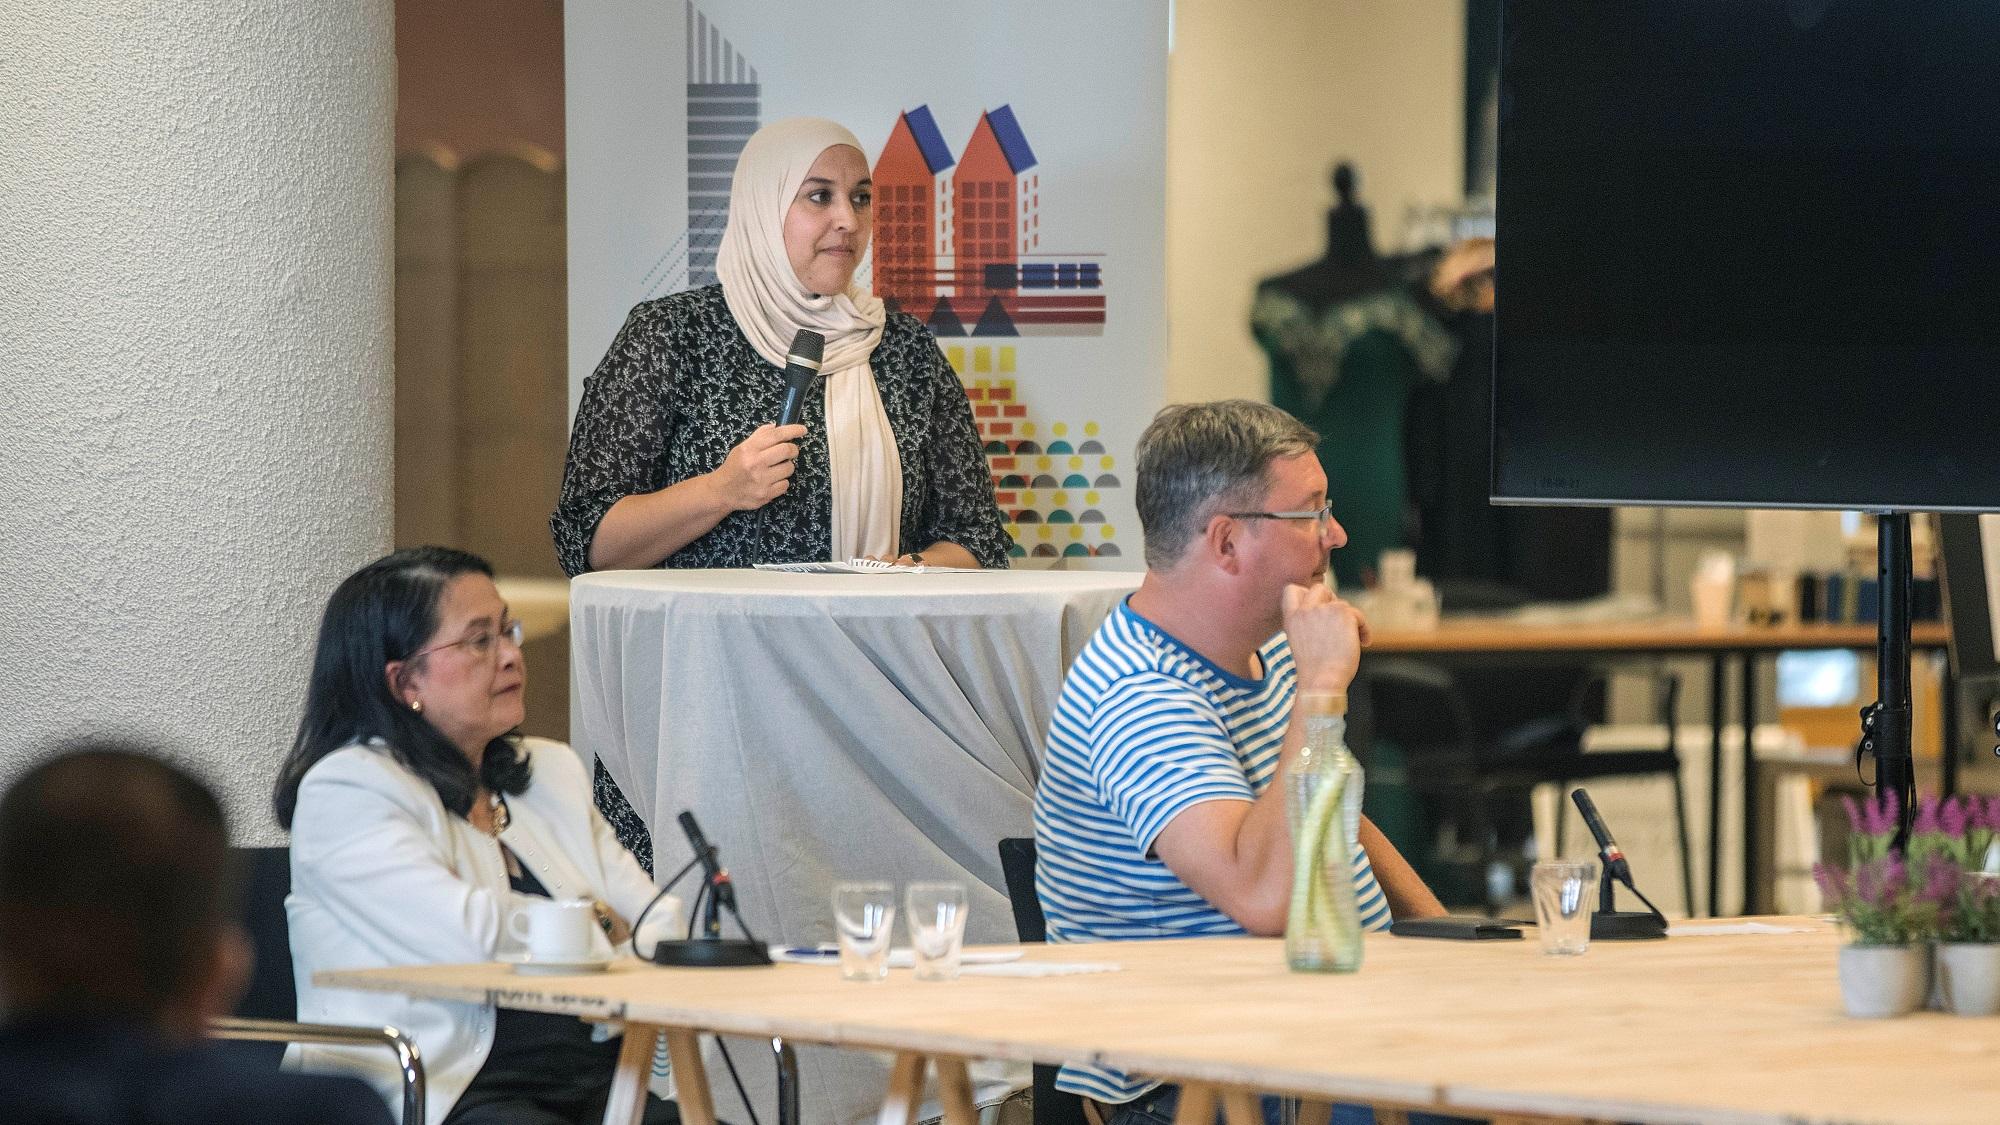 discussie over wijkaanpak in pand zuidwest